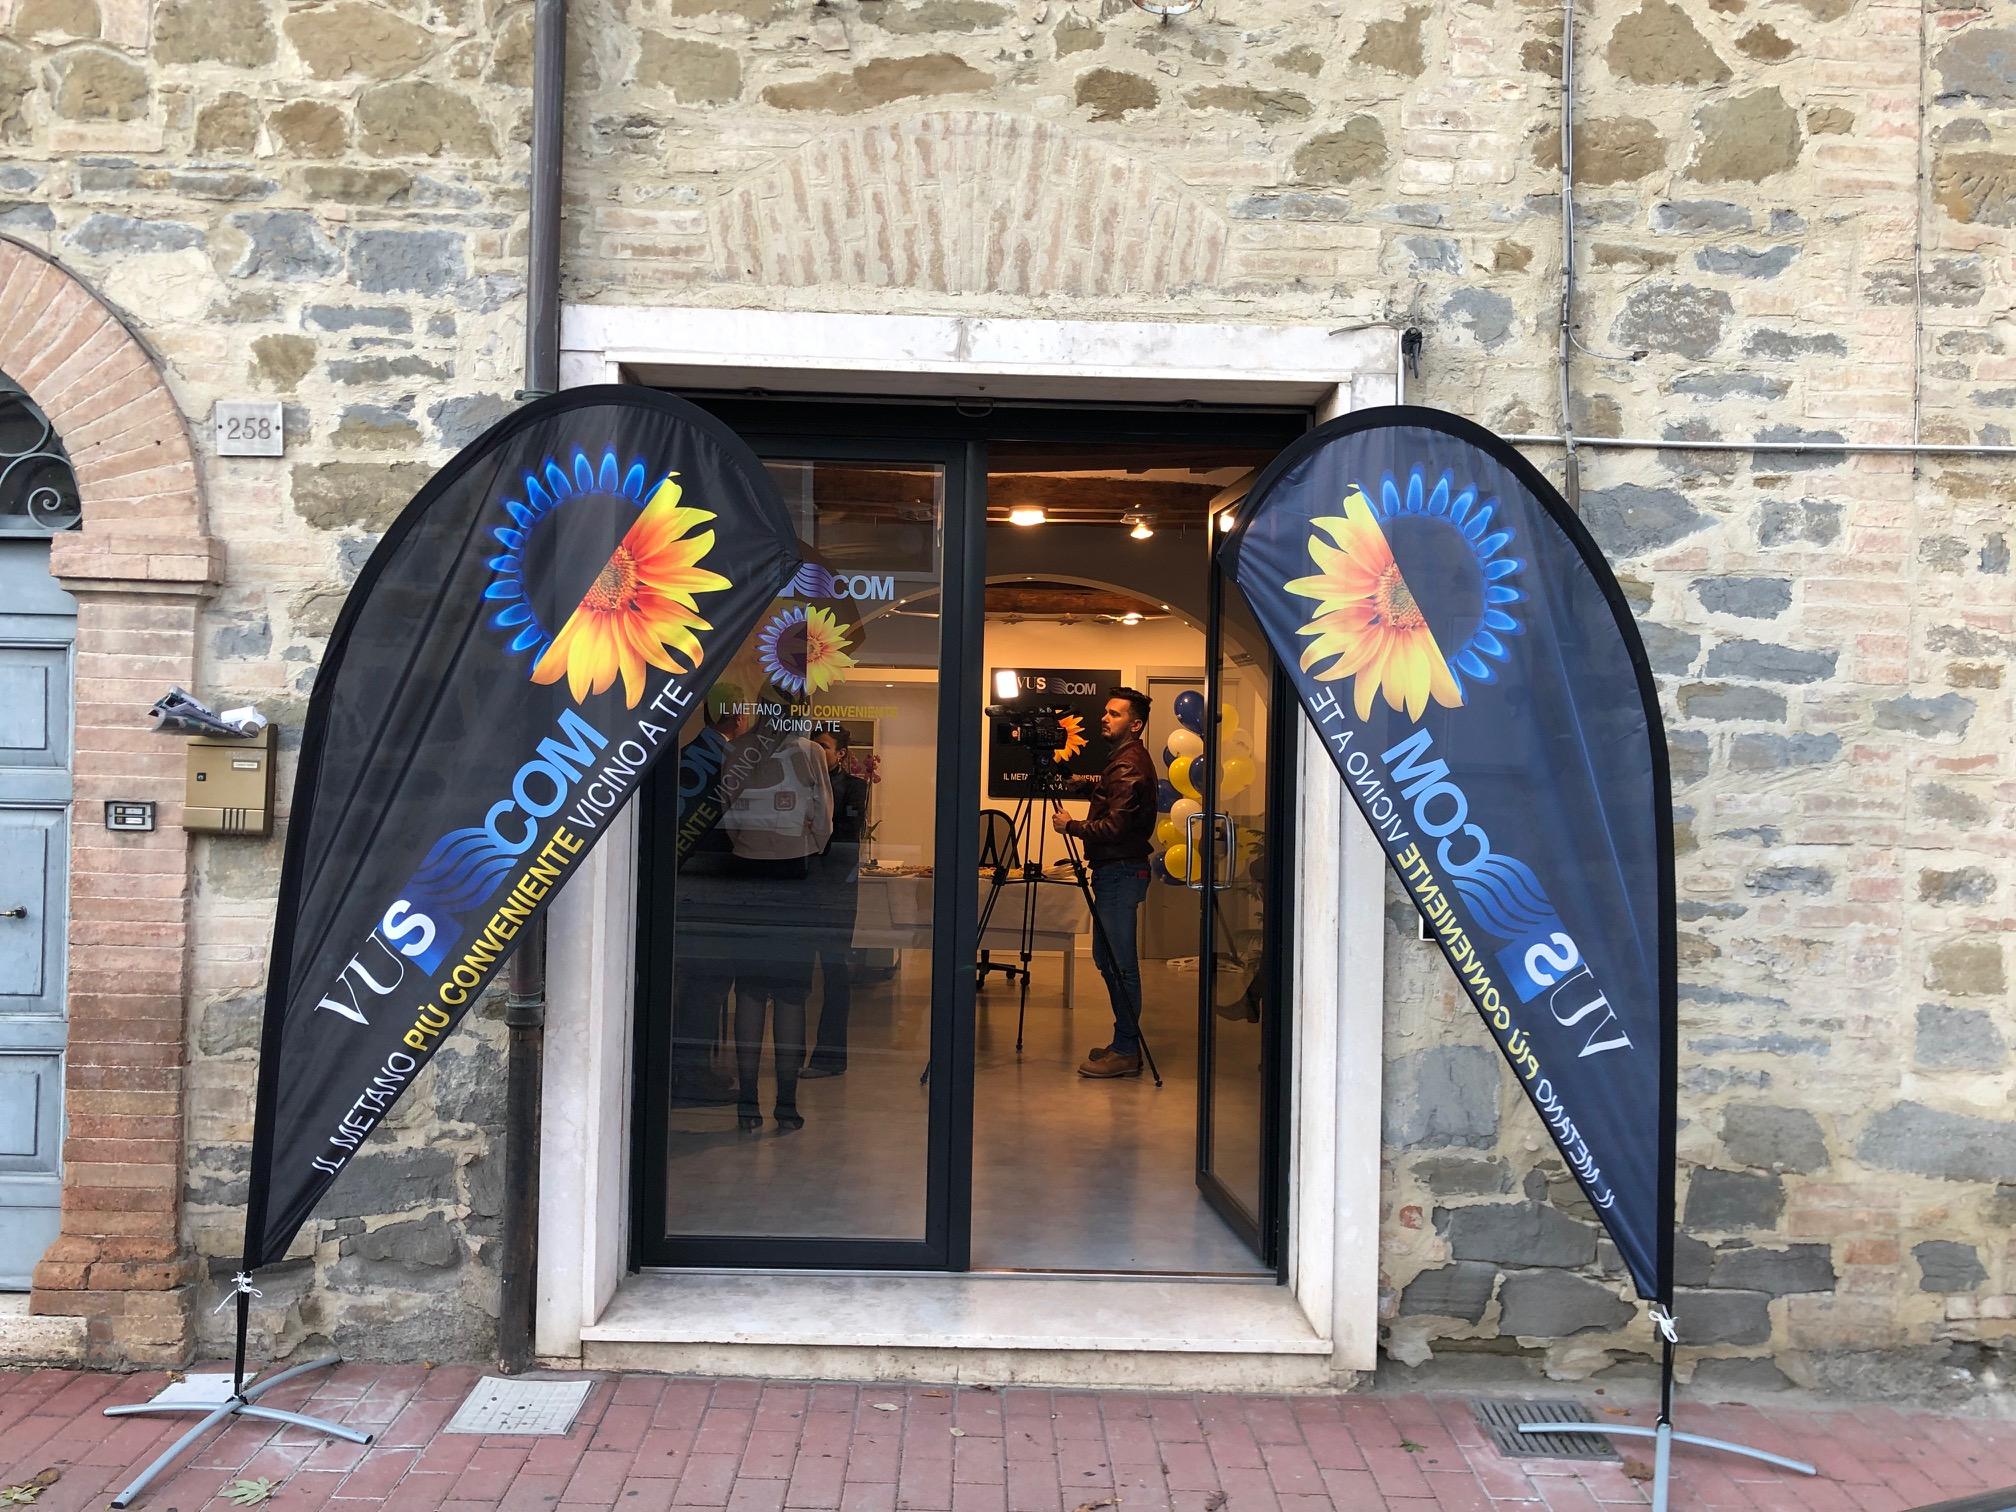 Inaugurato Il Primo Ufficio Vus Com A Perugia Vuscom